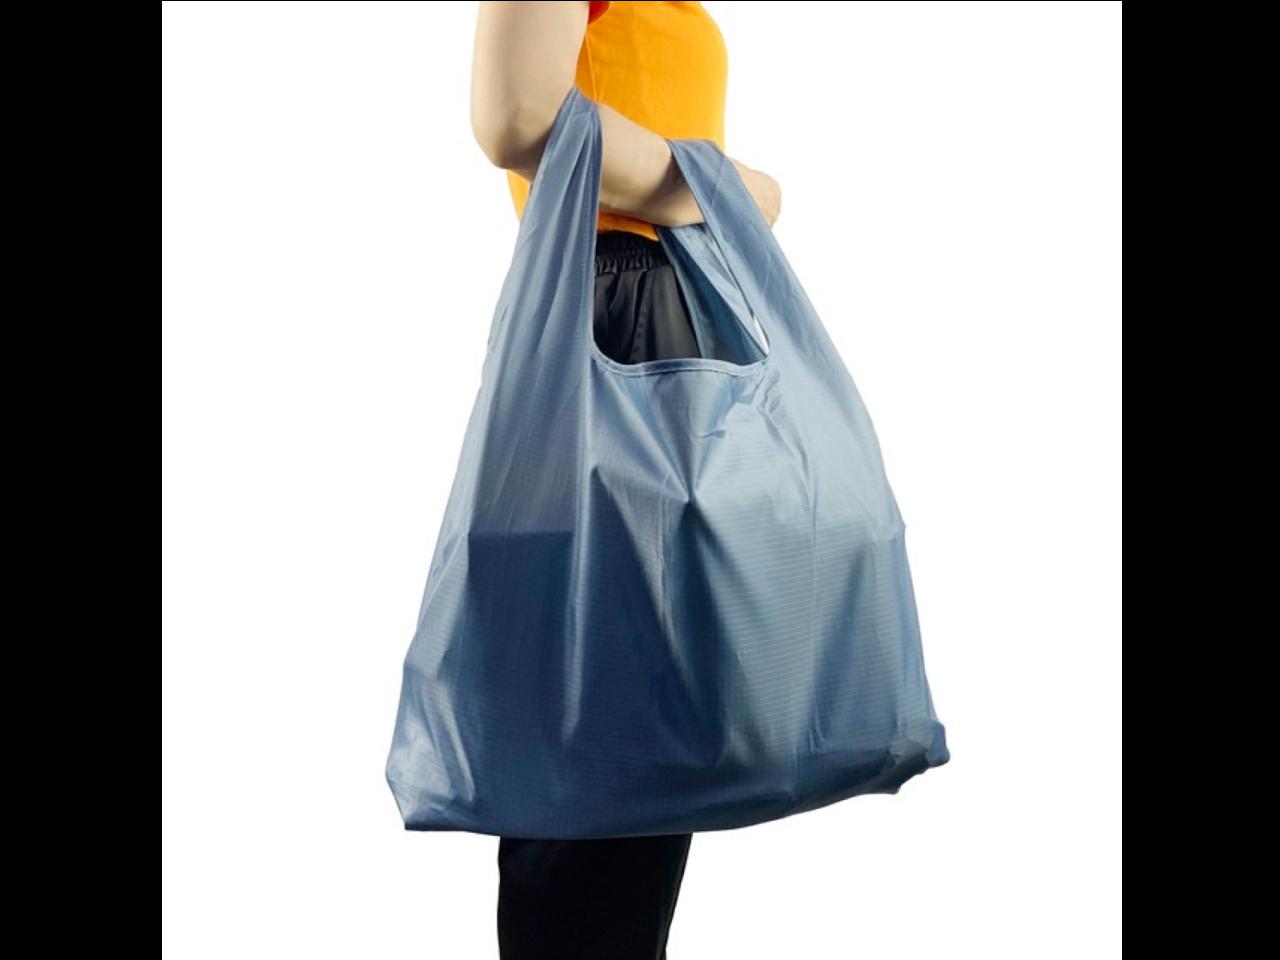 おしゃれで使い回しのきくECOバッグ「ECOECO/エコエコ」の販売を開始します。